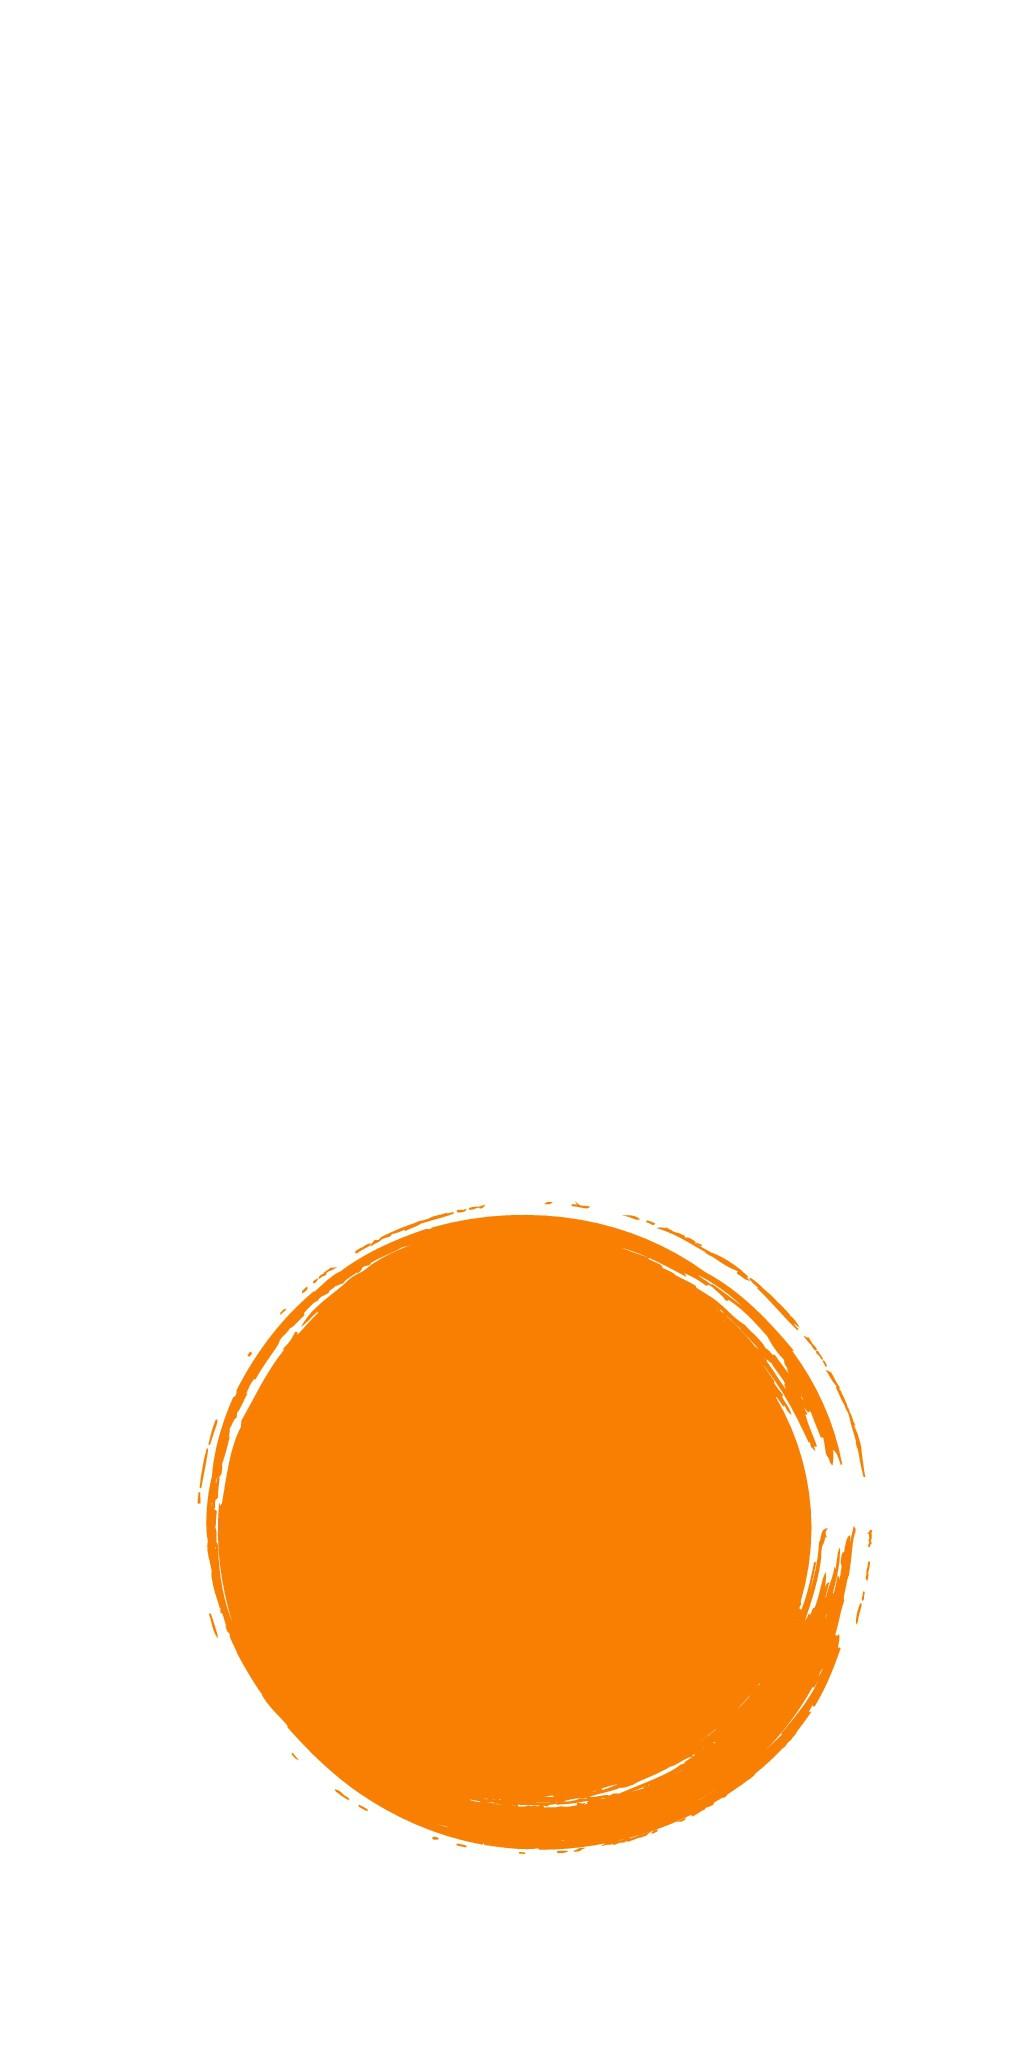 Erstelle ein Logo, das durch seine Klarheit und Einfachheit besticht.